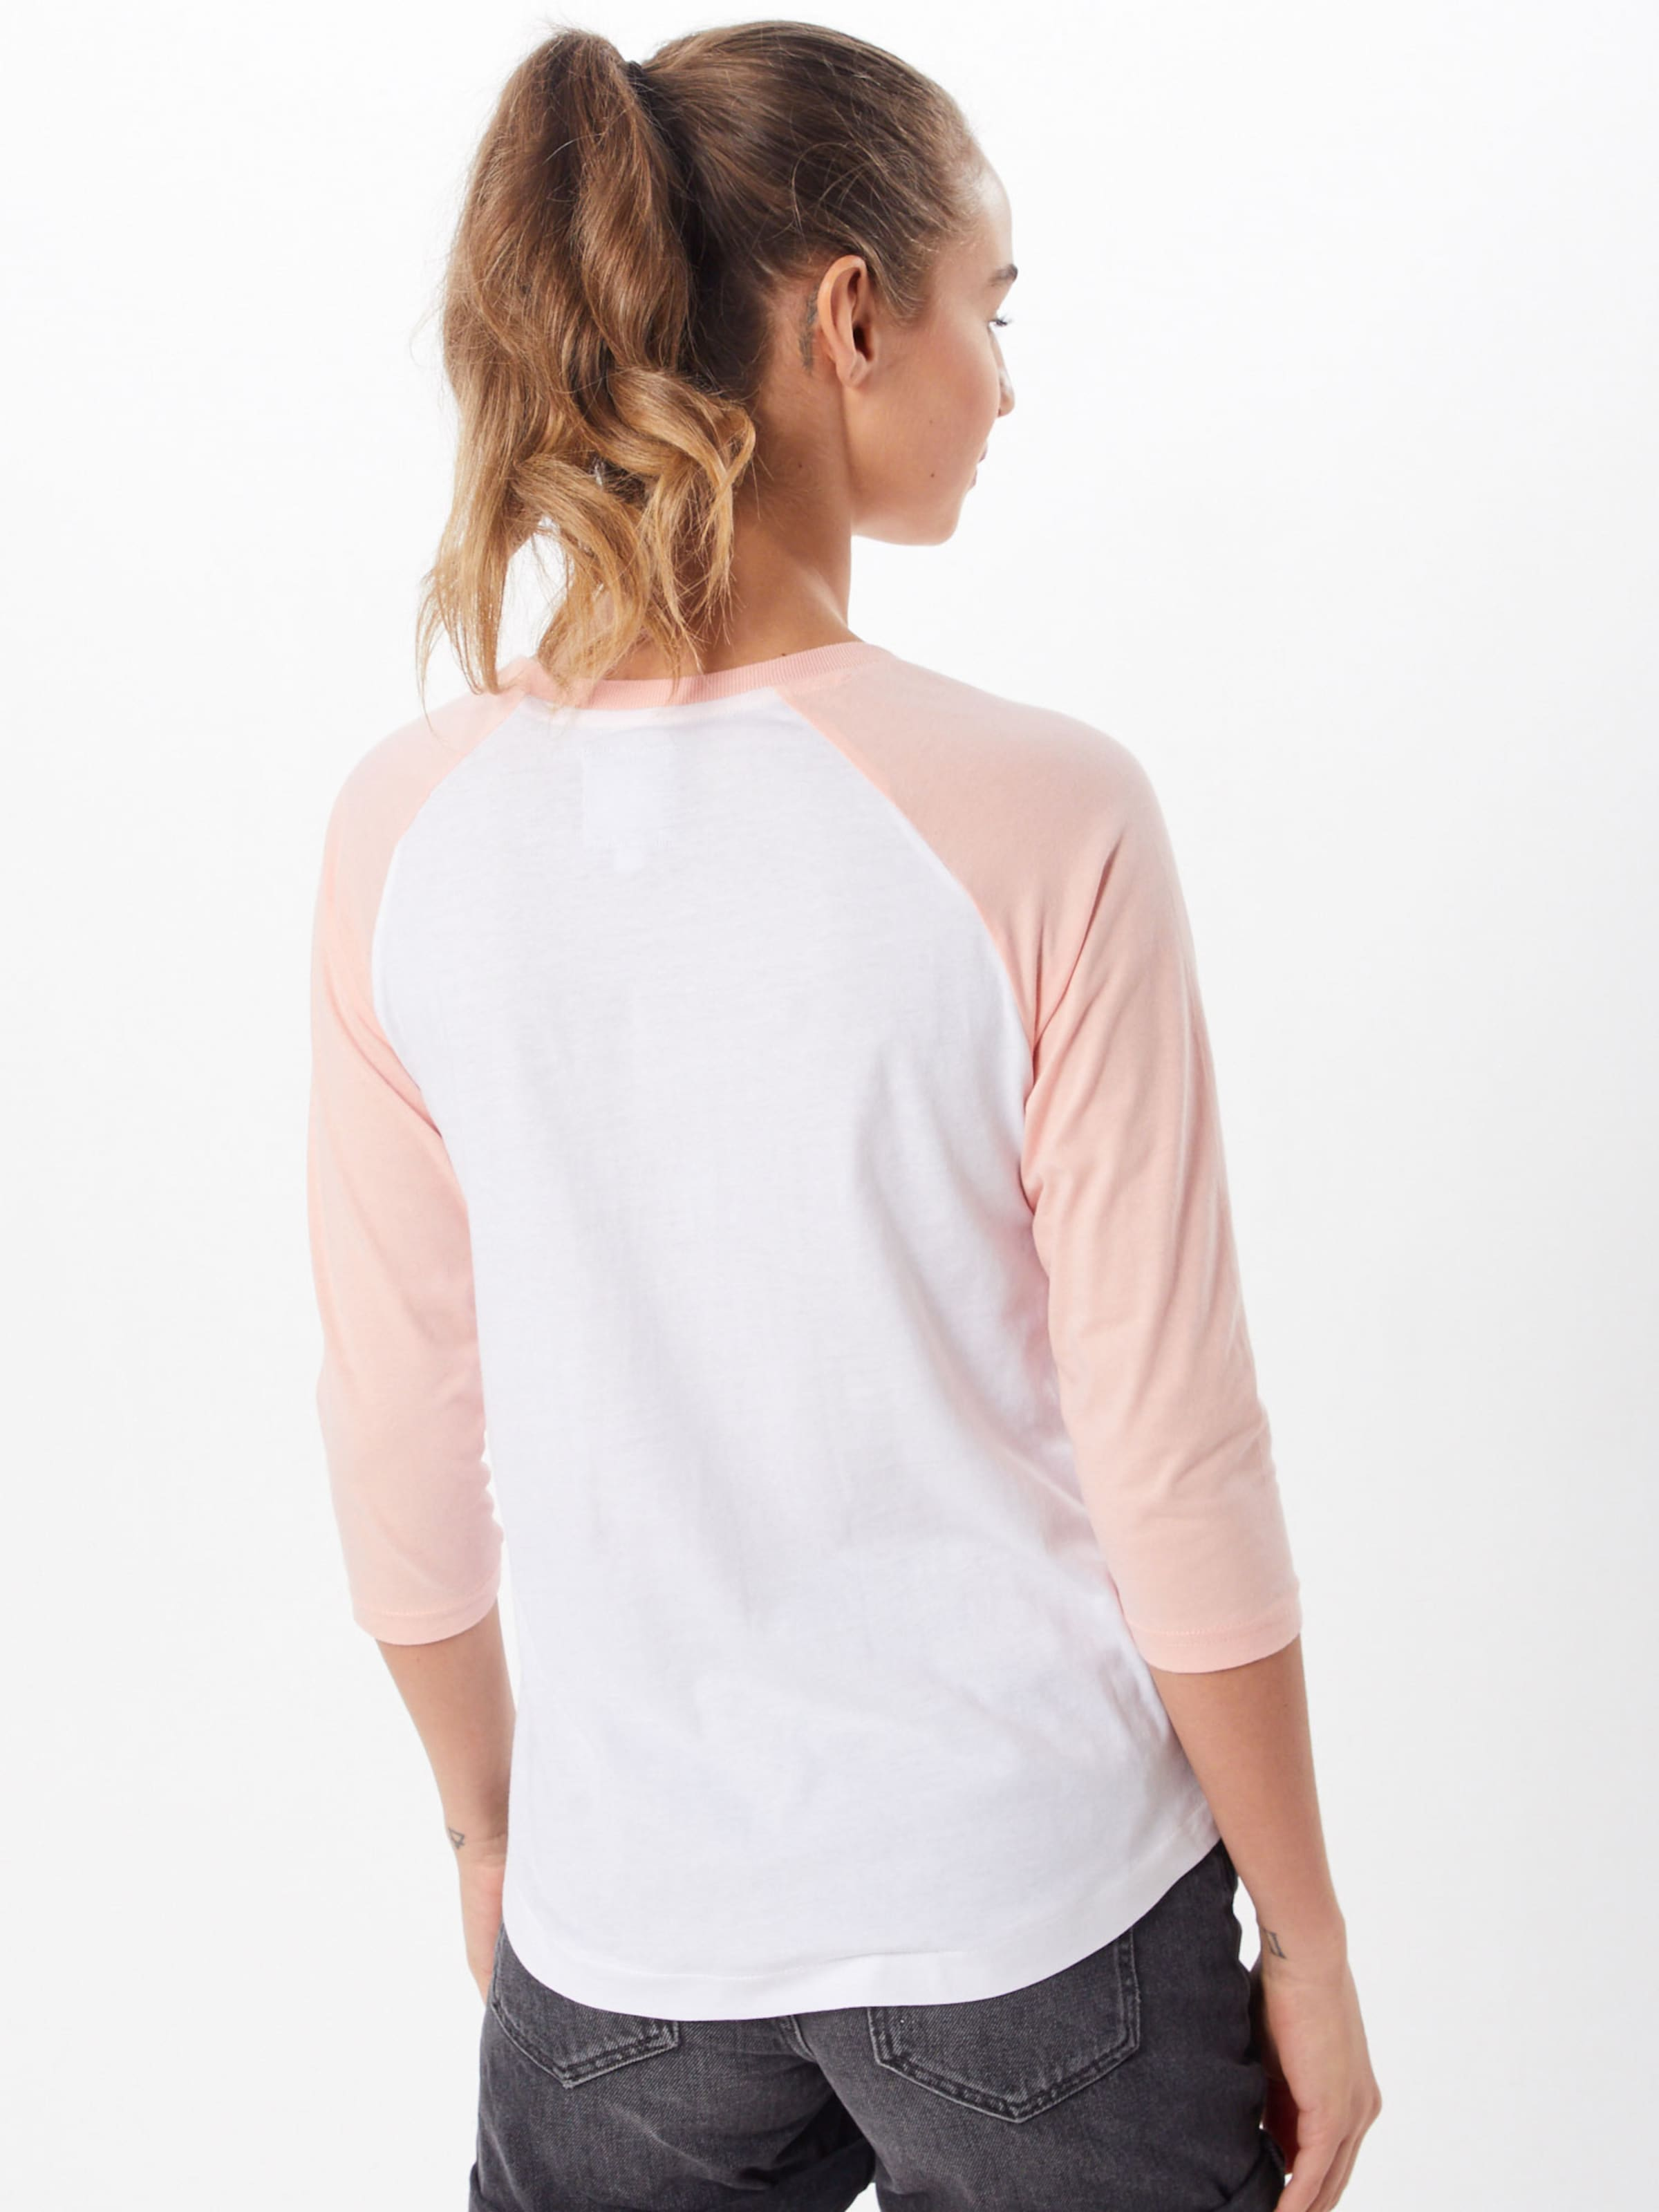 Shirt 'edge' Element PfirsichWeiß Shirt Element In SUqMVpz